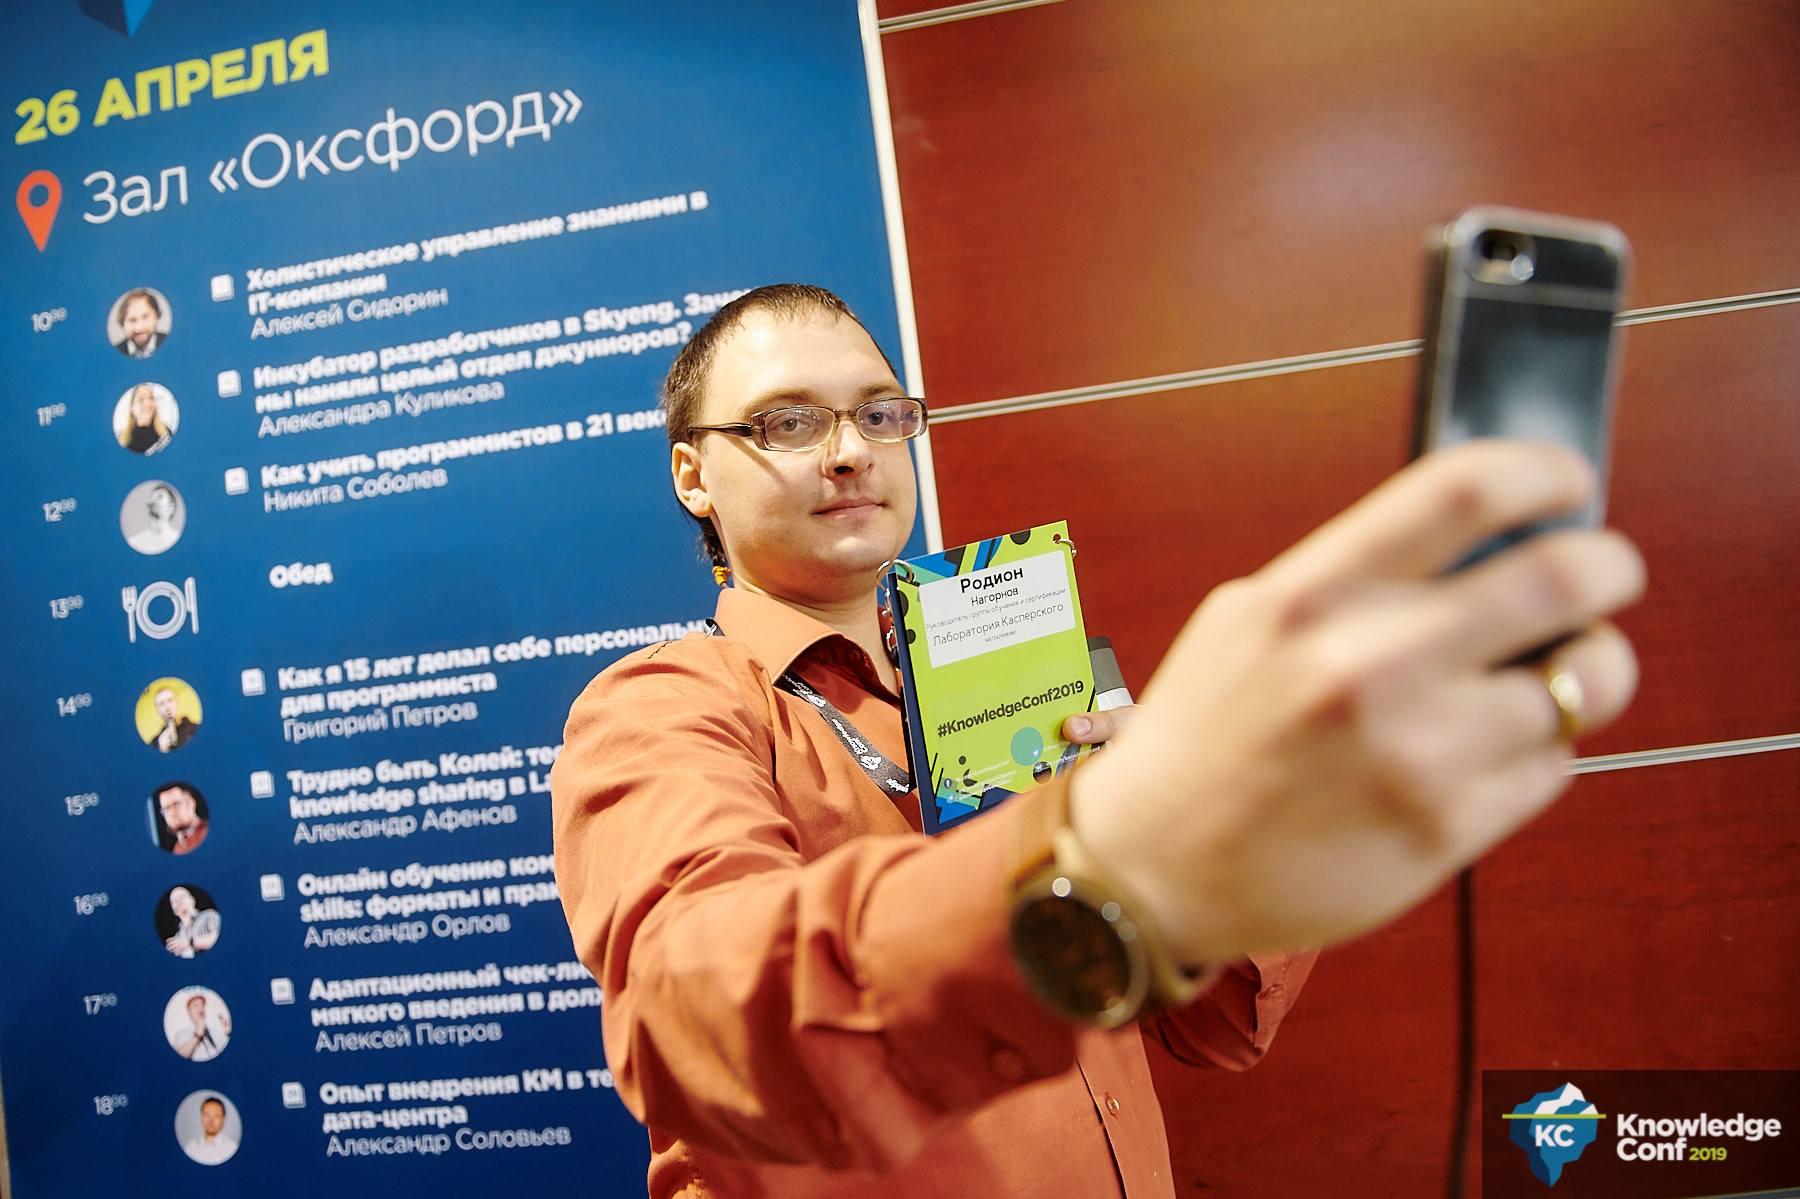 Управление знаниями в ИТ: первая конференция и общая картина - 1